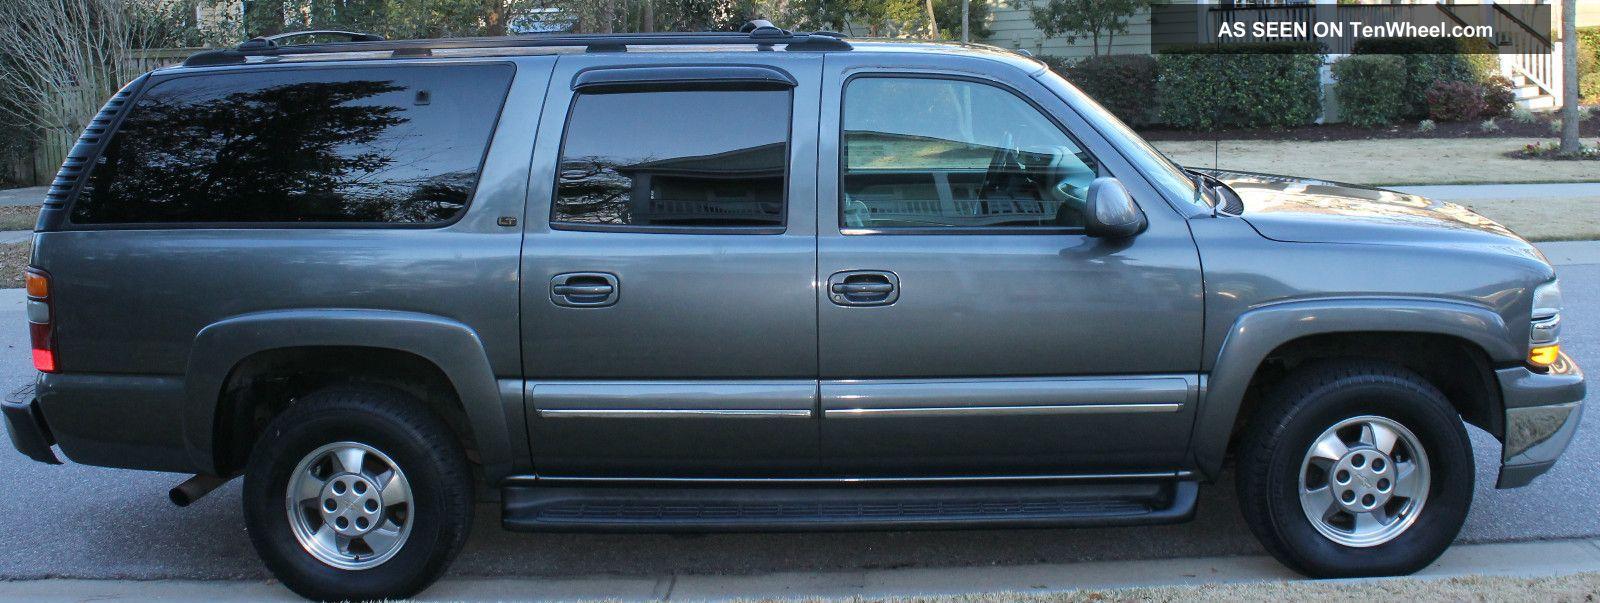 2001 Chevrolet Suburban 1500 Lt Sport Utility 4 Door 5 3l